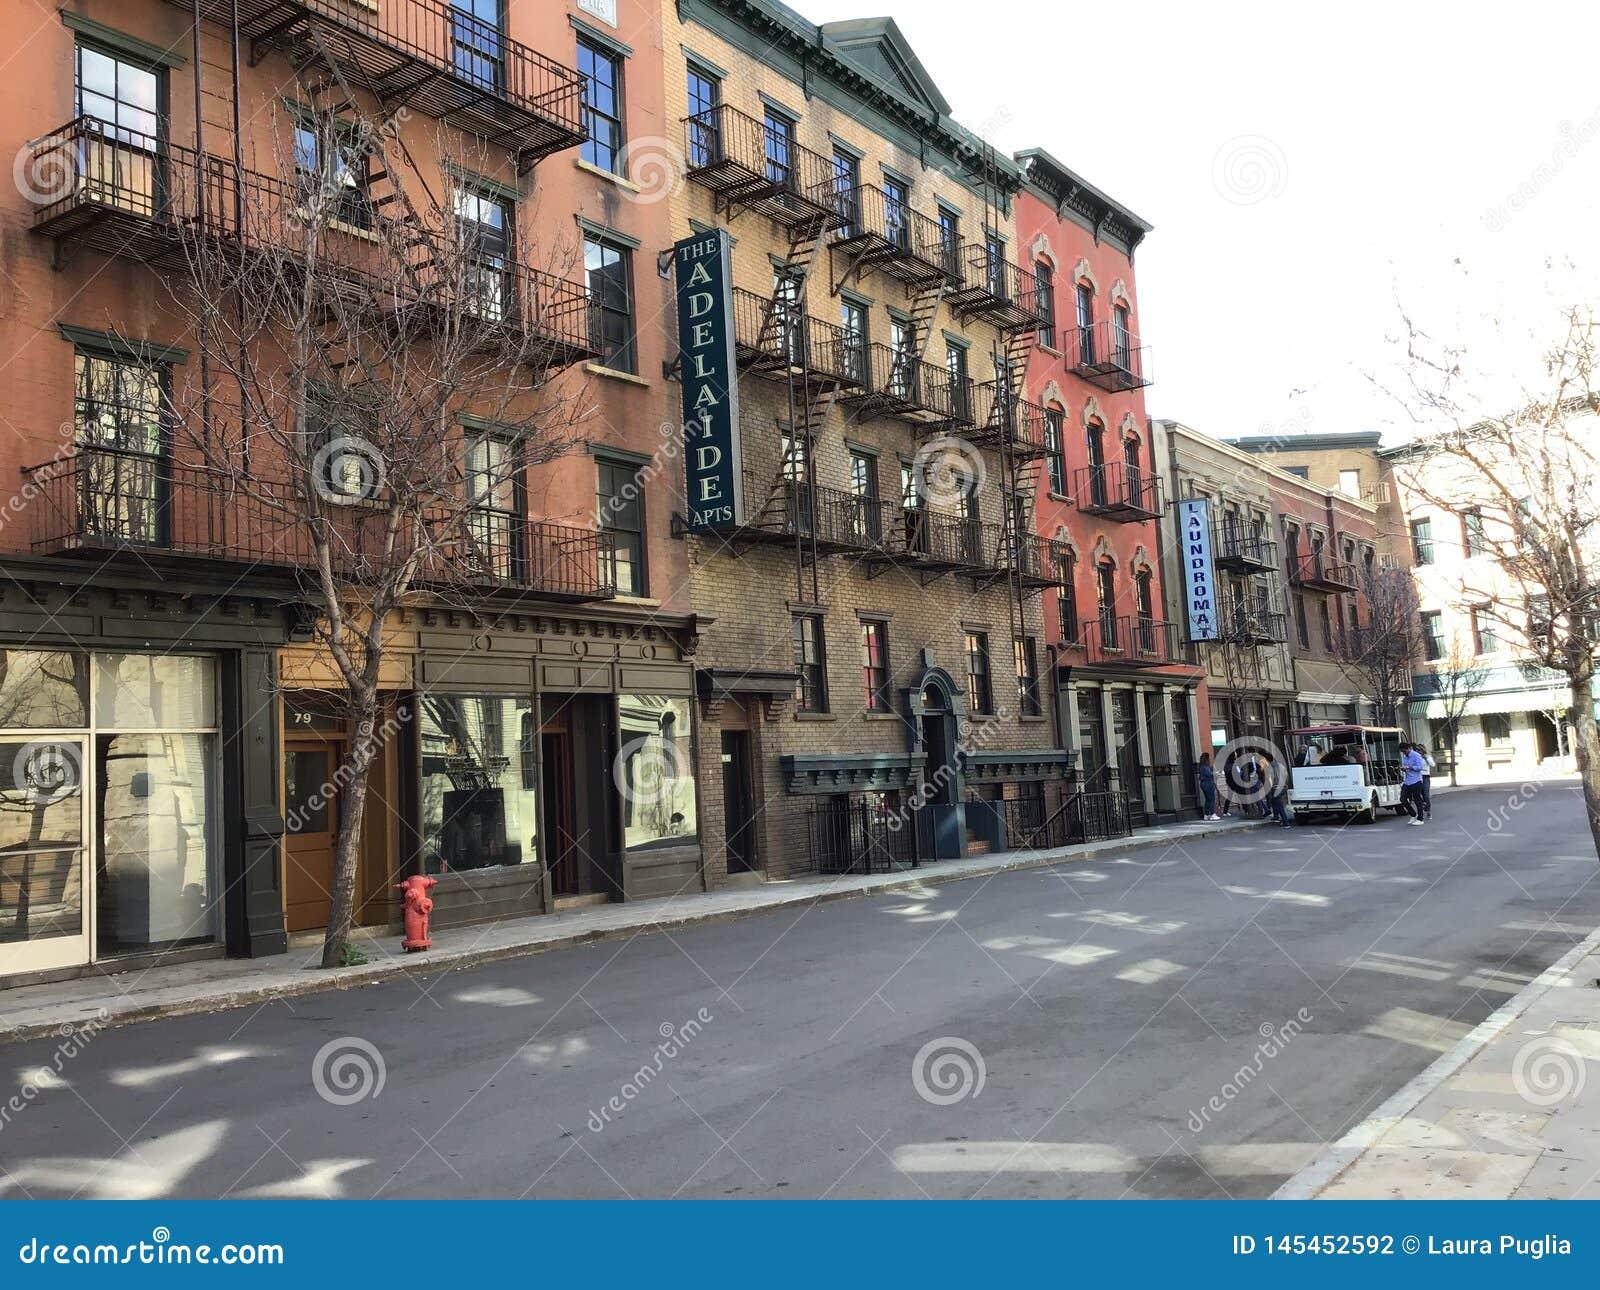 To jest streetview lokalizowa? na pracownianym udziale symuluje dziejowego grodzkiego po?o?enie tak jak Miasto Nowy Jork dok?d st